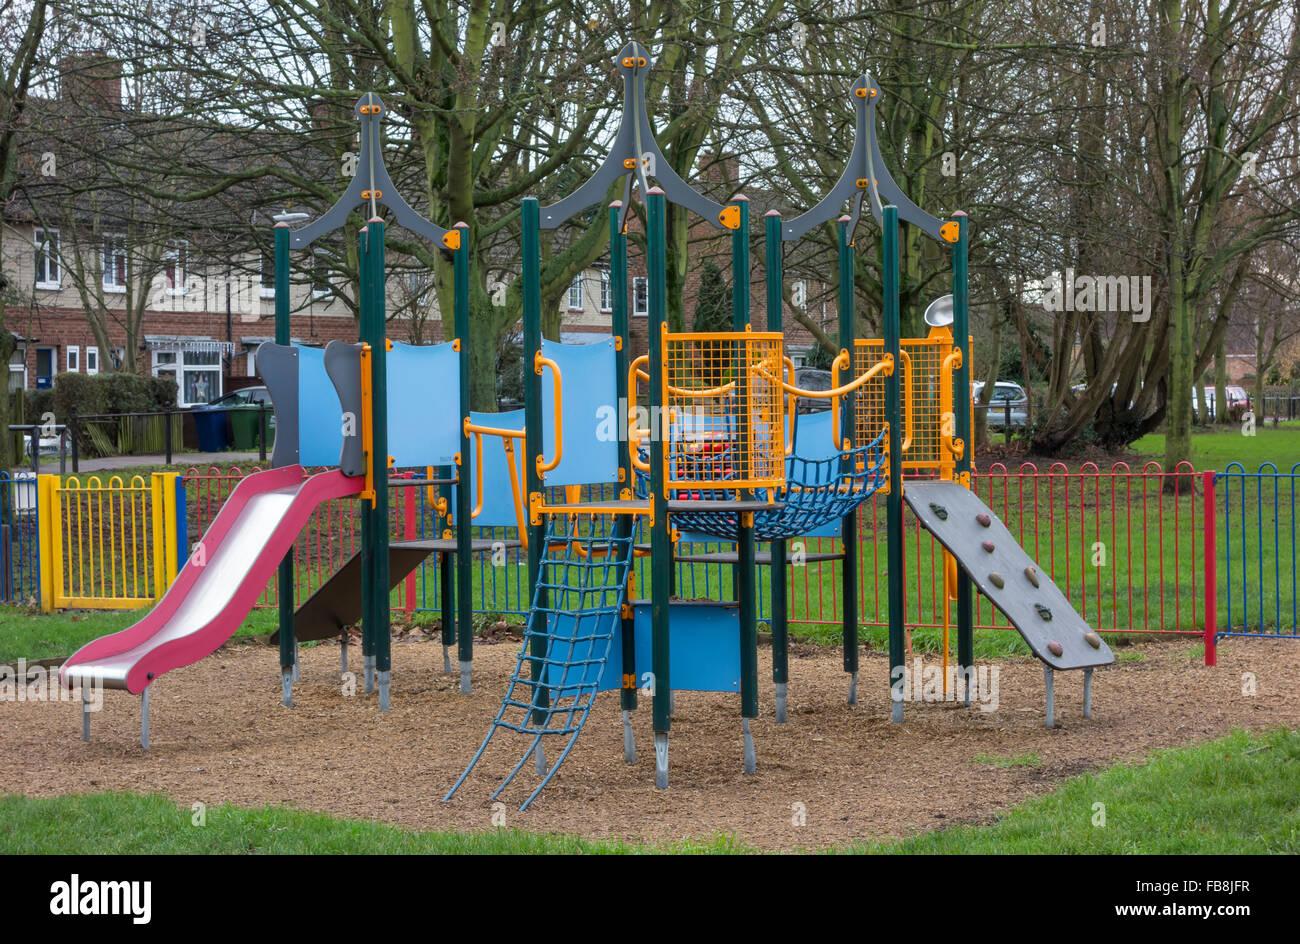 Klettergerüst Kinder Outdoor : Kinder rutschbahn und klettergerüst stockfoto bild: 93003227 alamy